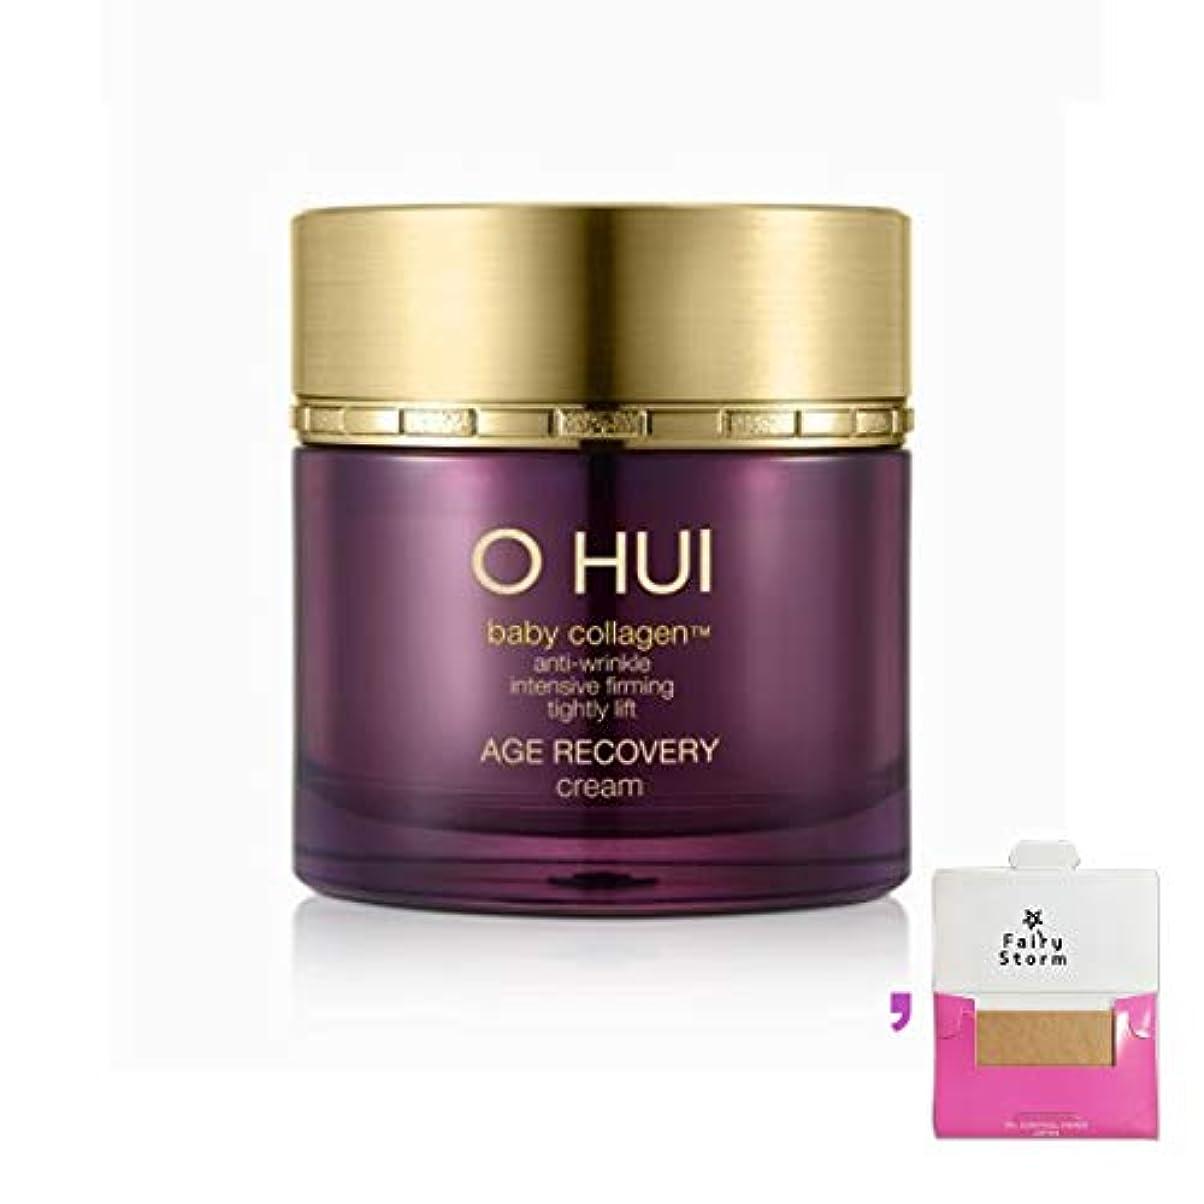 エジプト人反動キャラバン[オフィ/ O HUI]韓国化粧品 LG生活健康/オフィ エイジ リカバリー クリーム/O HUI AGE RECOVERY CREAM 50ml+ [Sample Gift](海外直送品)